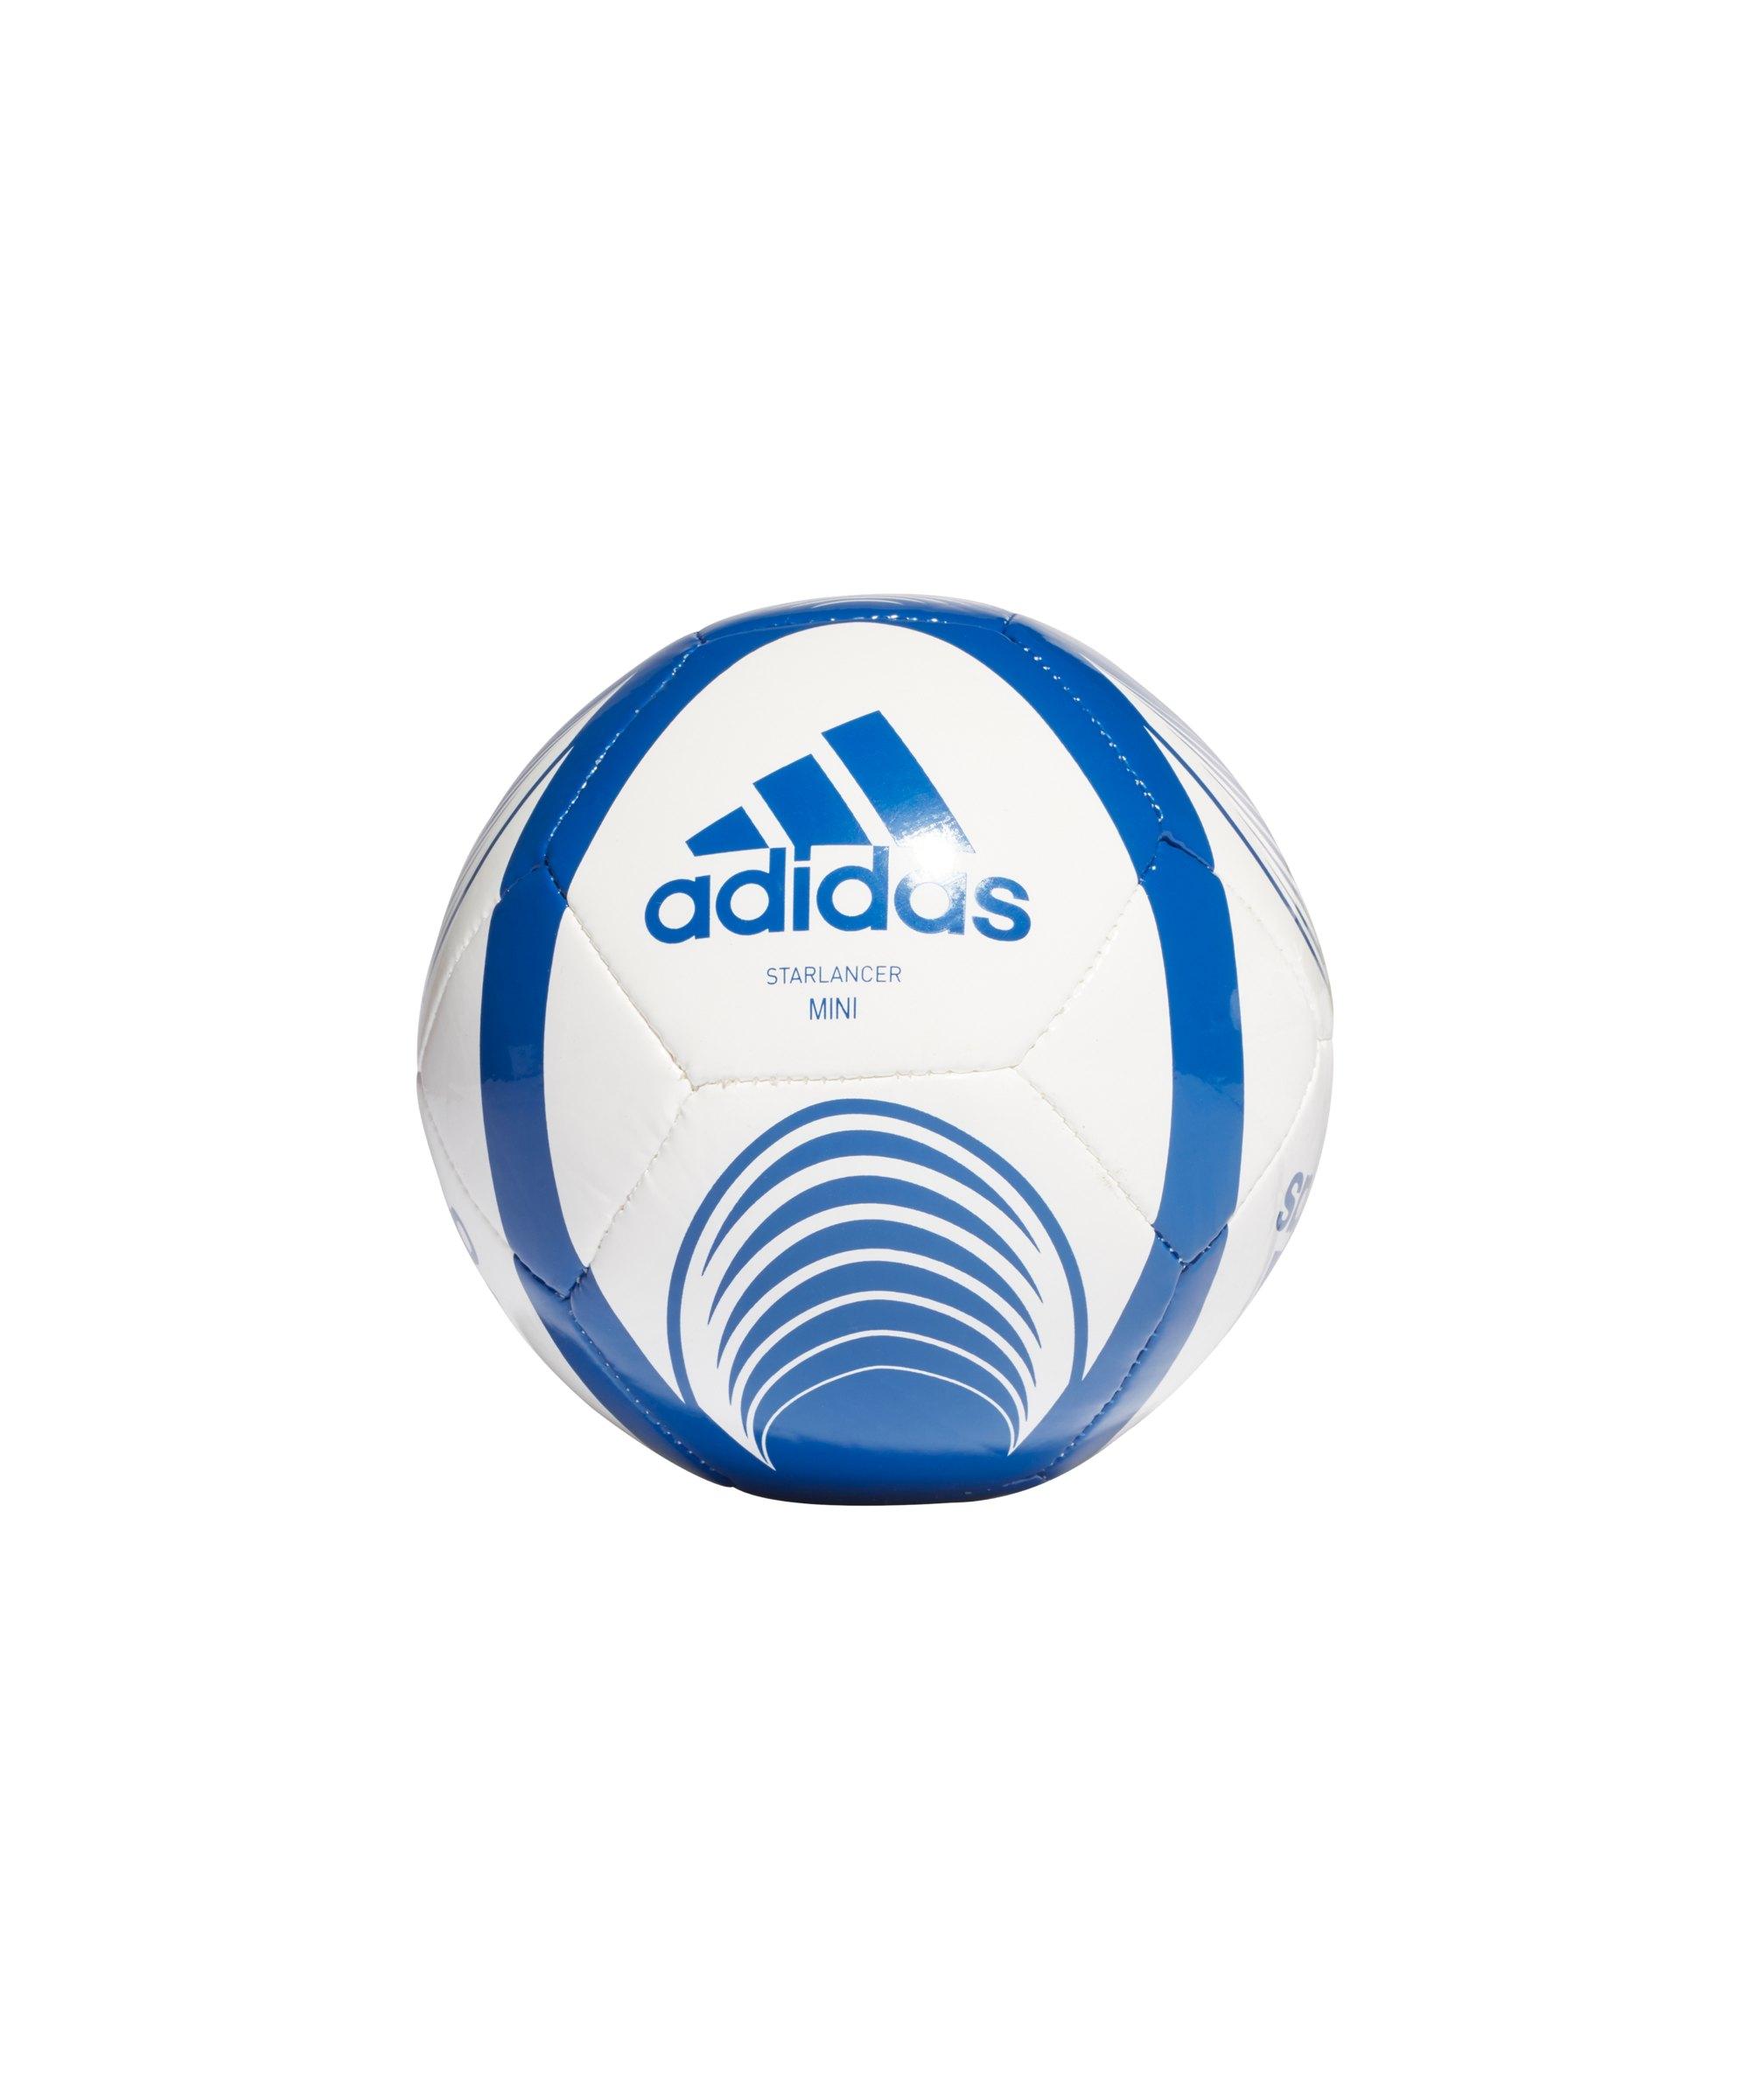 adidas Starlancer Miniball Weiss Blau - weiss